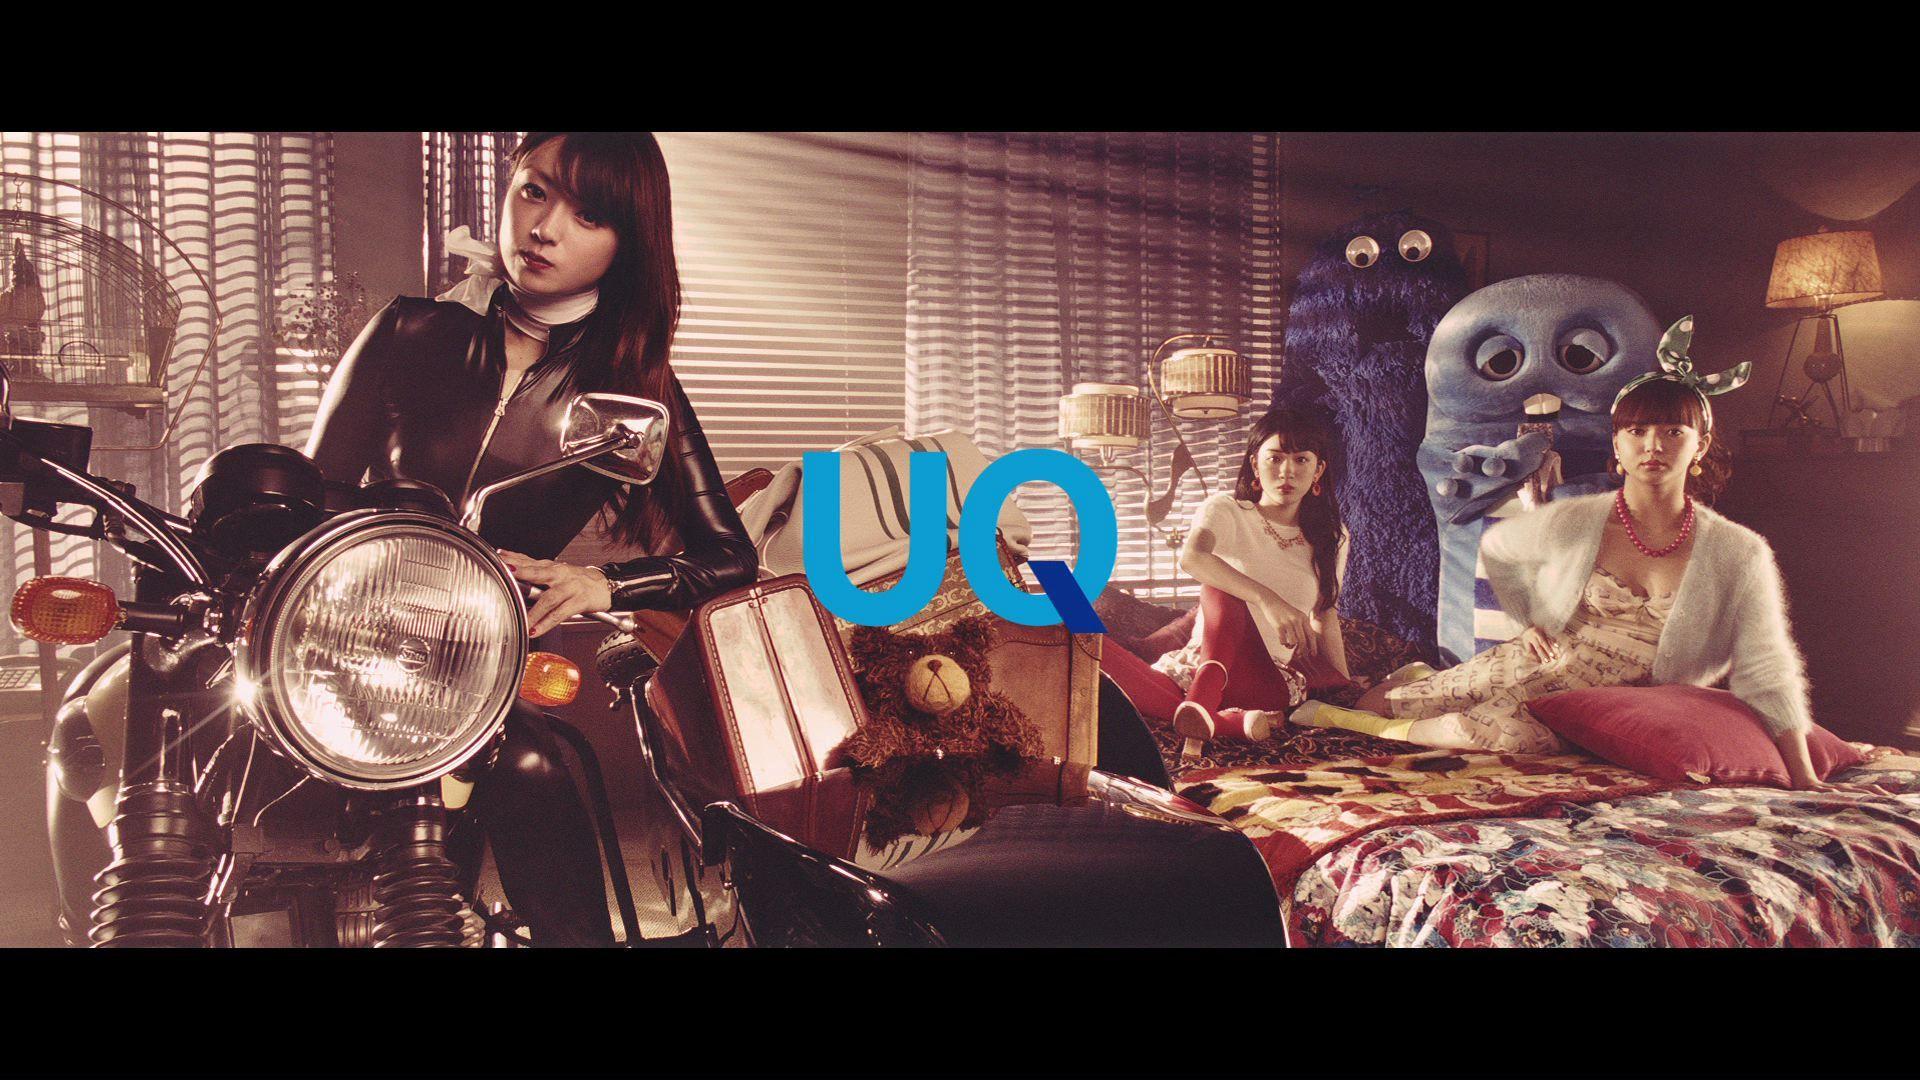 と話題になっているUQモバイルのTVCM。パパはブルームク、ママはピンクガチャ、そして深田恭子さん・多部未華子さん・永野芽郁さんが扮する美人三姉妹の、ちょっと